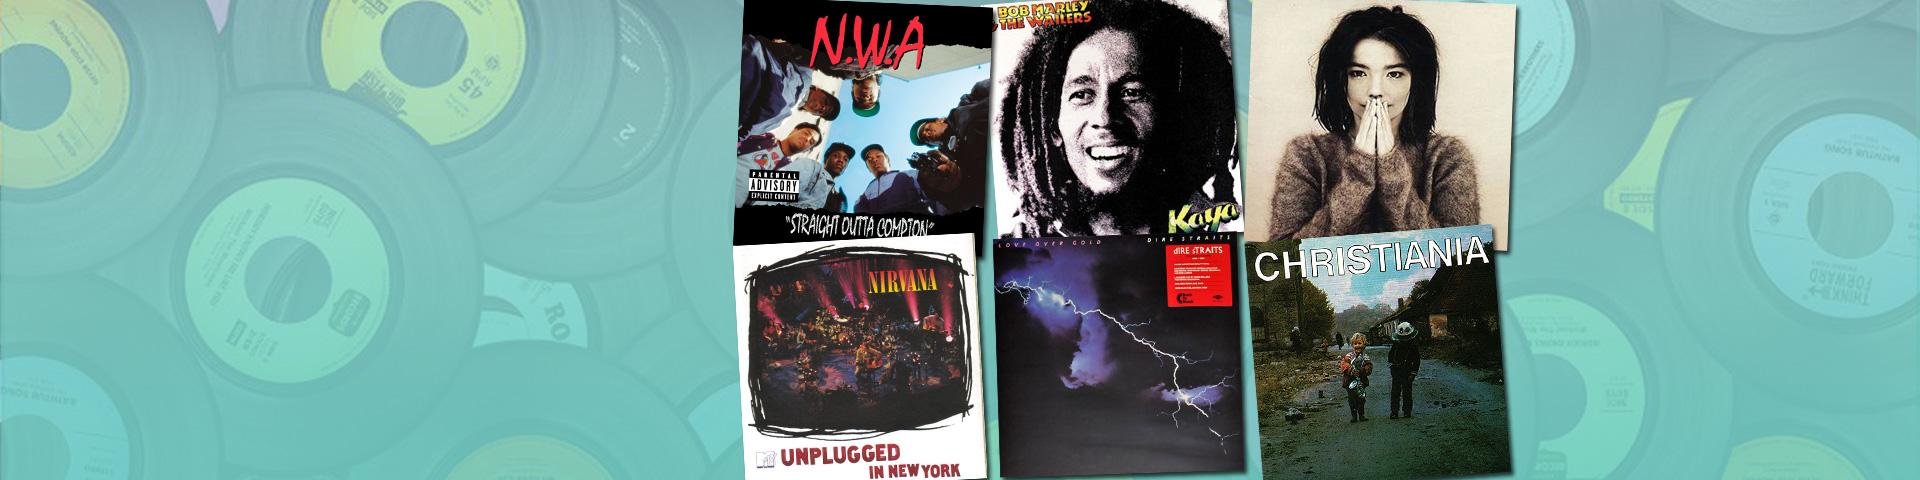 Vinyl tilbud - 99,95,- pr. stk.